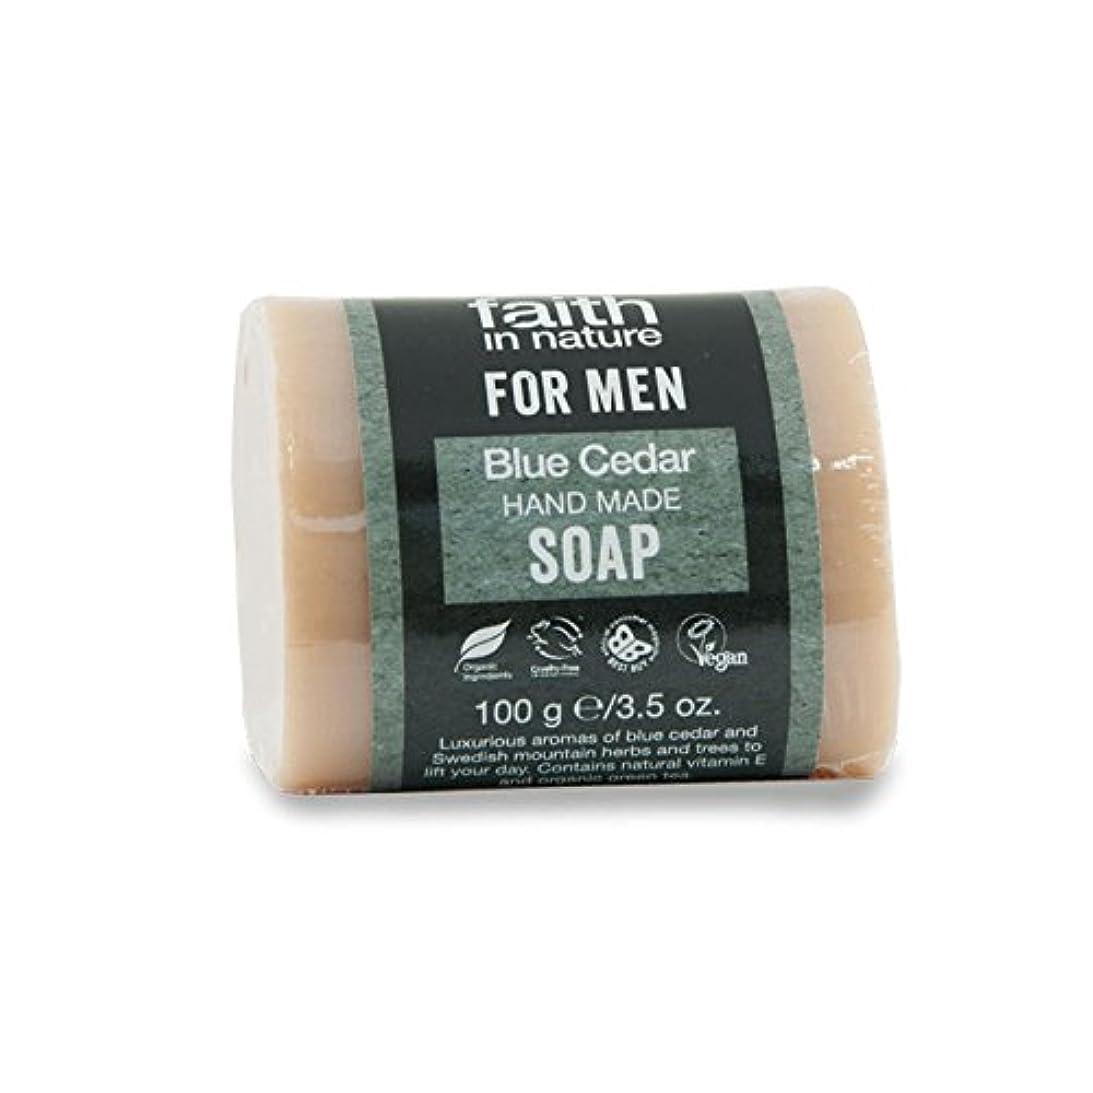 ファイナンス充電明日男性青杉の石鹸100グラムのための自然の中で信仰 - Faith in Nature for Men Blue Cedar Soap 100g (Faith in Nature) [並行輸入品]